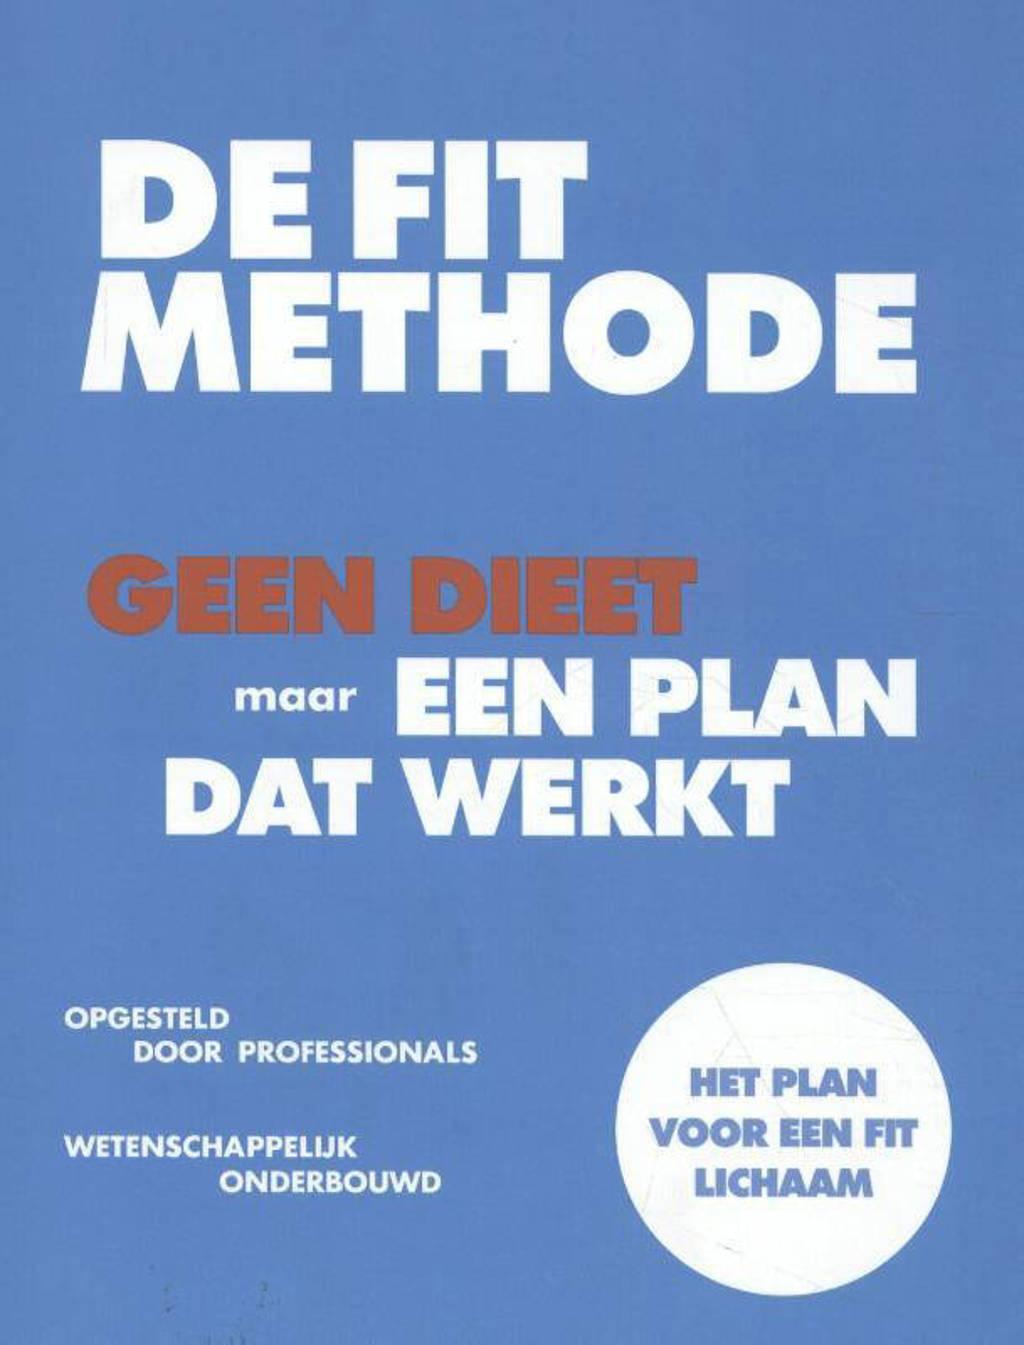 FIT Methode: De FIT Methode - Jeroen van der Mark, Laura Louwes, Neeke Smit, e.a.